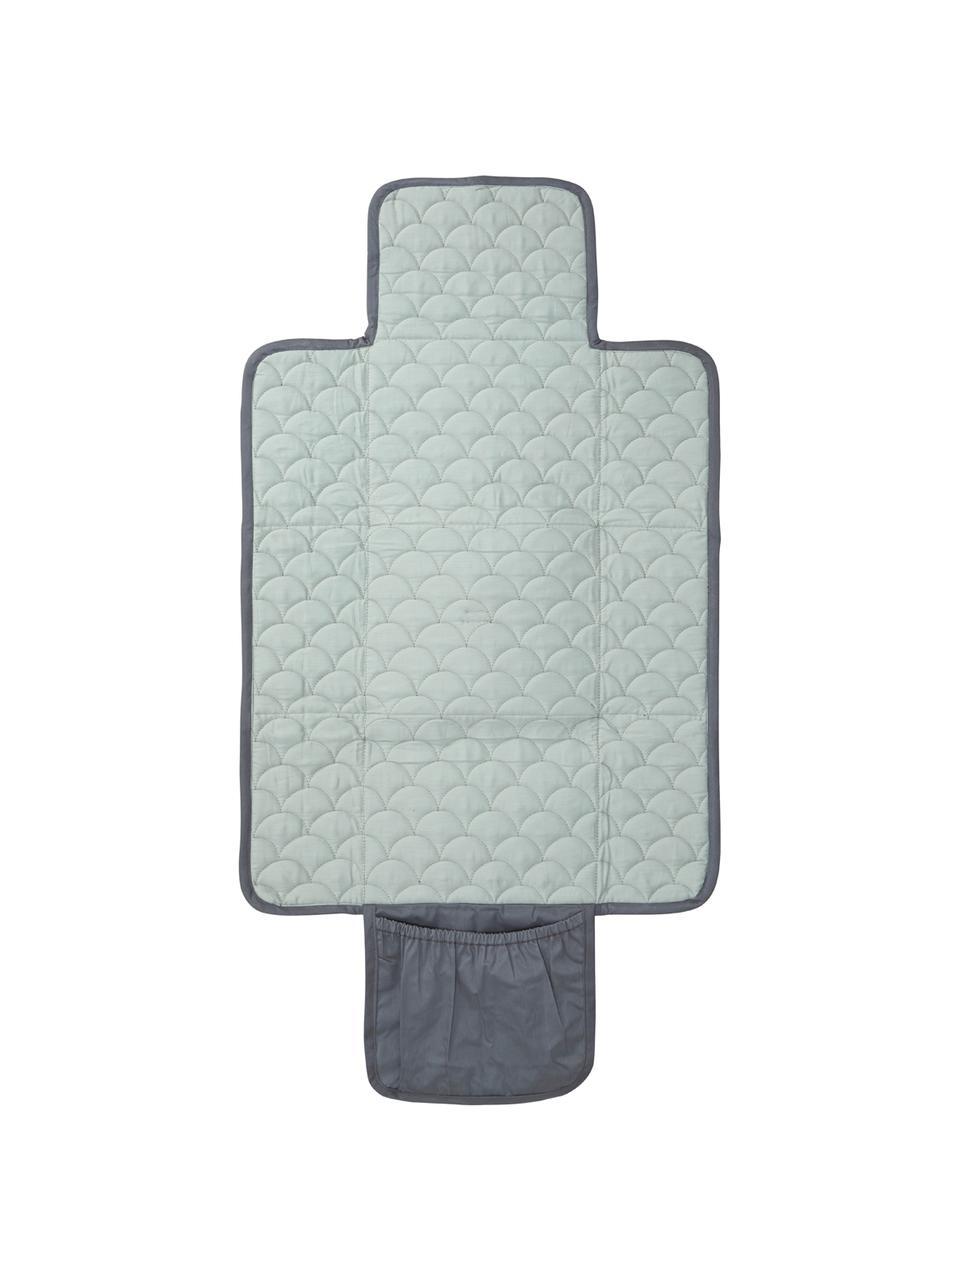 Kleine Wickelmatte Wave aus Bio-Baumwolle, Bezug: 100% Biobaumwolle, OCS-ze, Grau, Mintgrün, 19 x 23 cm